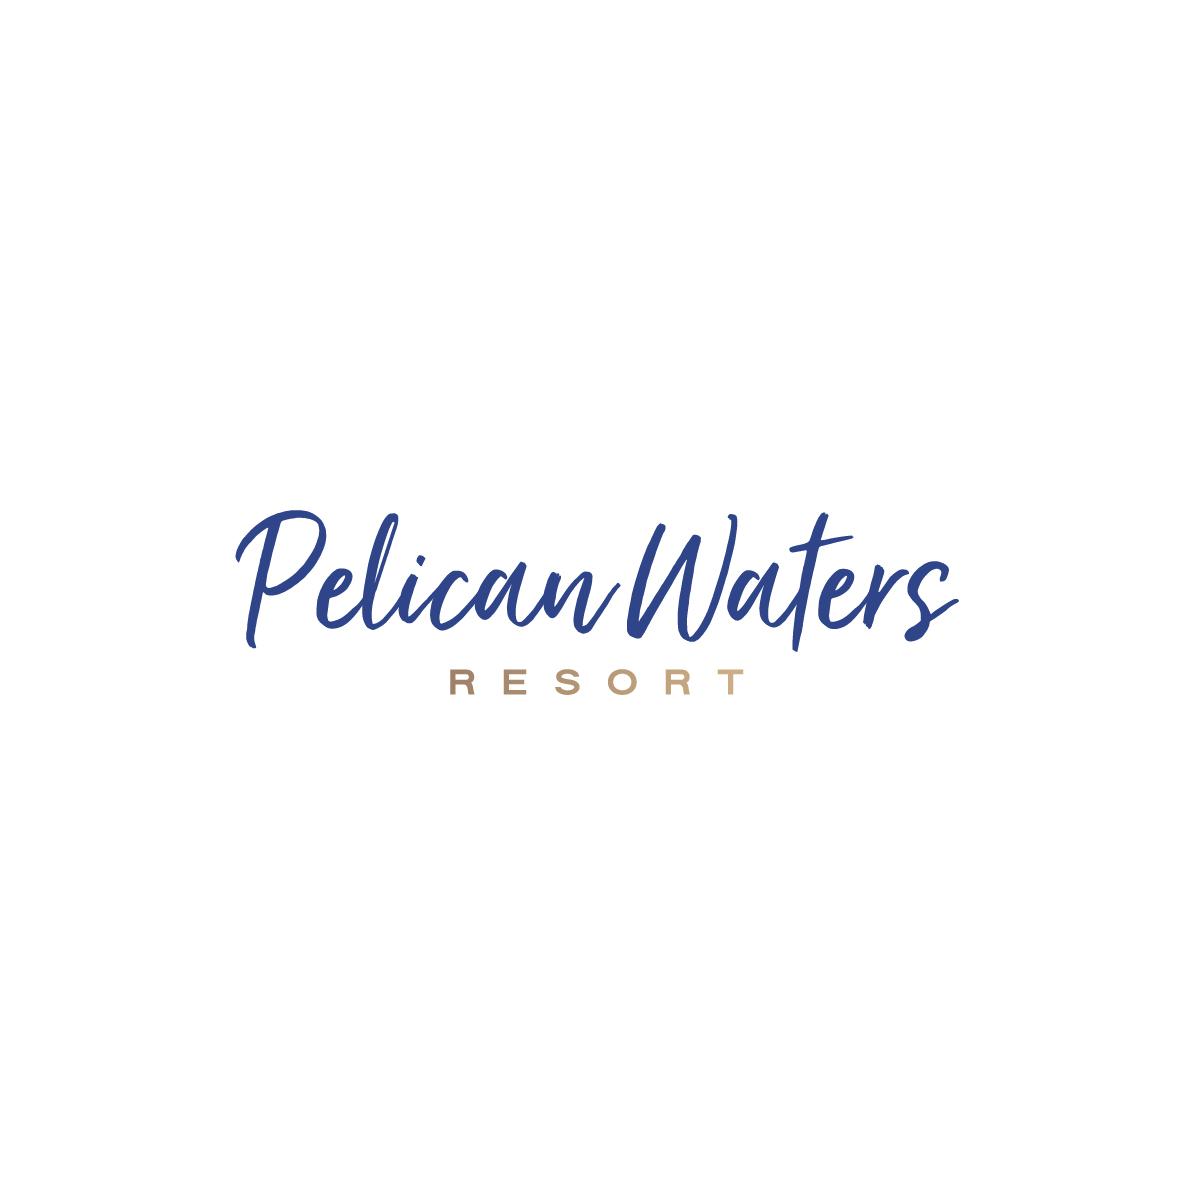 Pelican-Waters-Resort-1